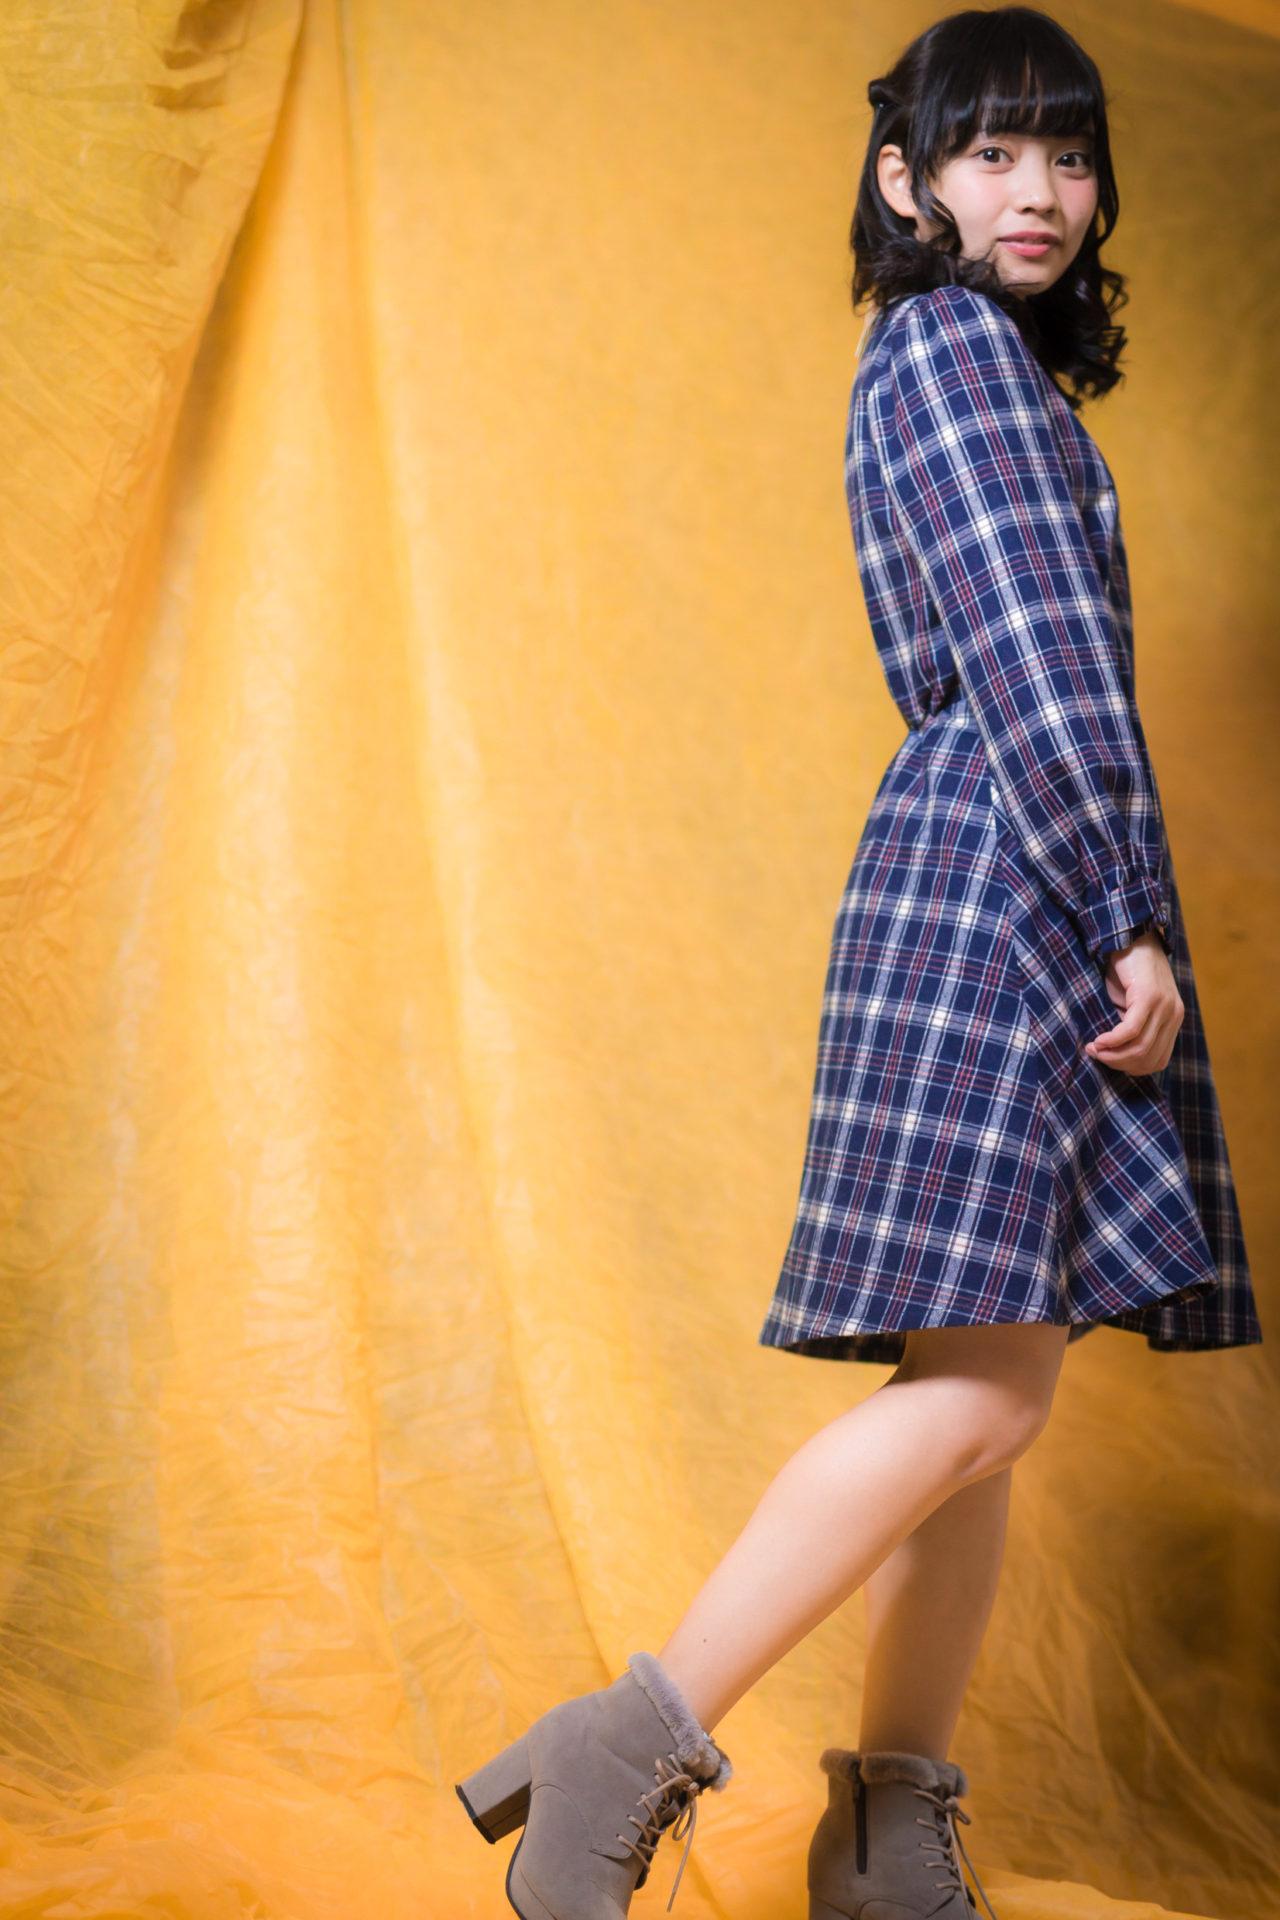 2代目HAPPY少女♪ ゆいな ( 宮崎ゆいな ) | モデルプロ事務所撮影会